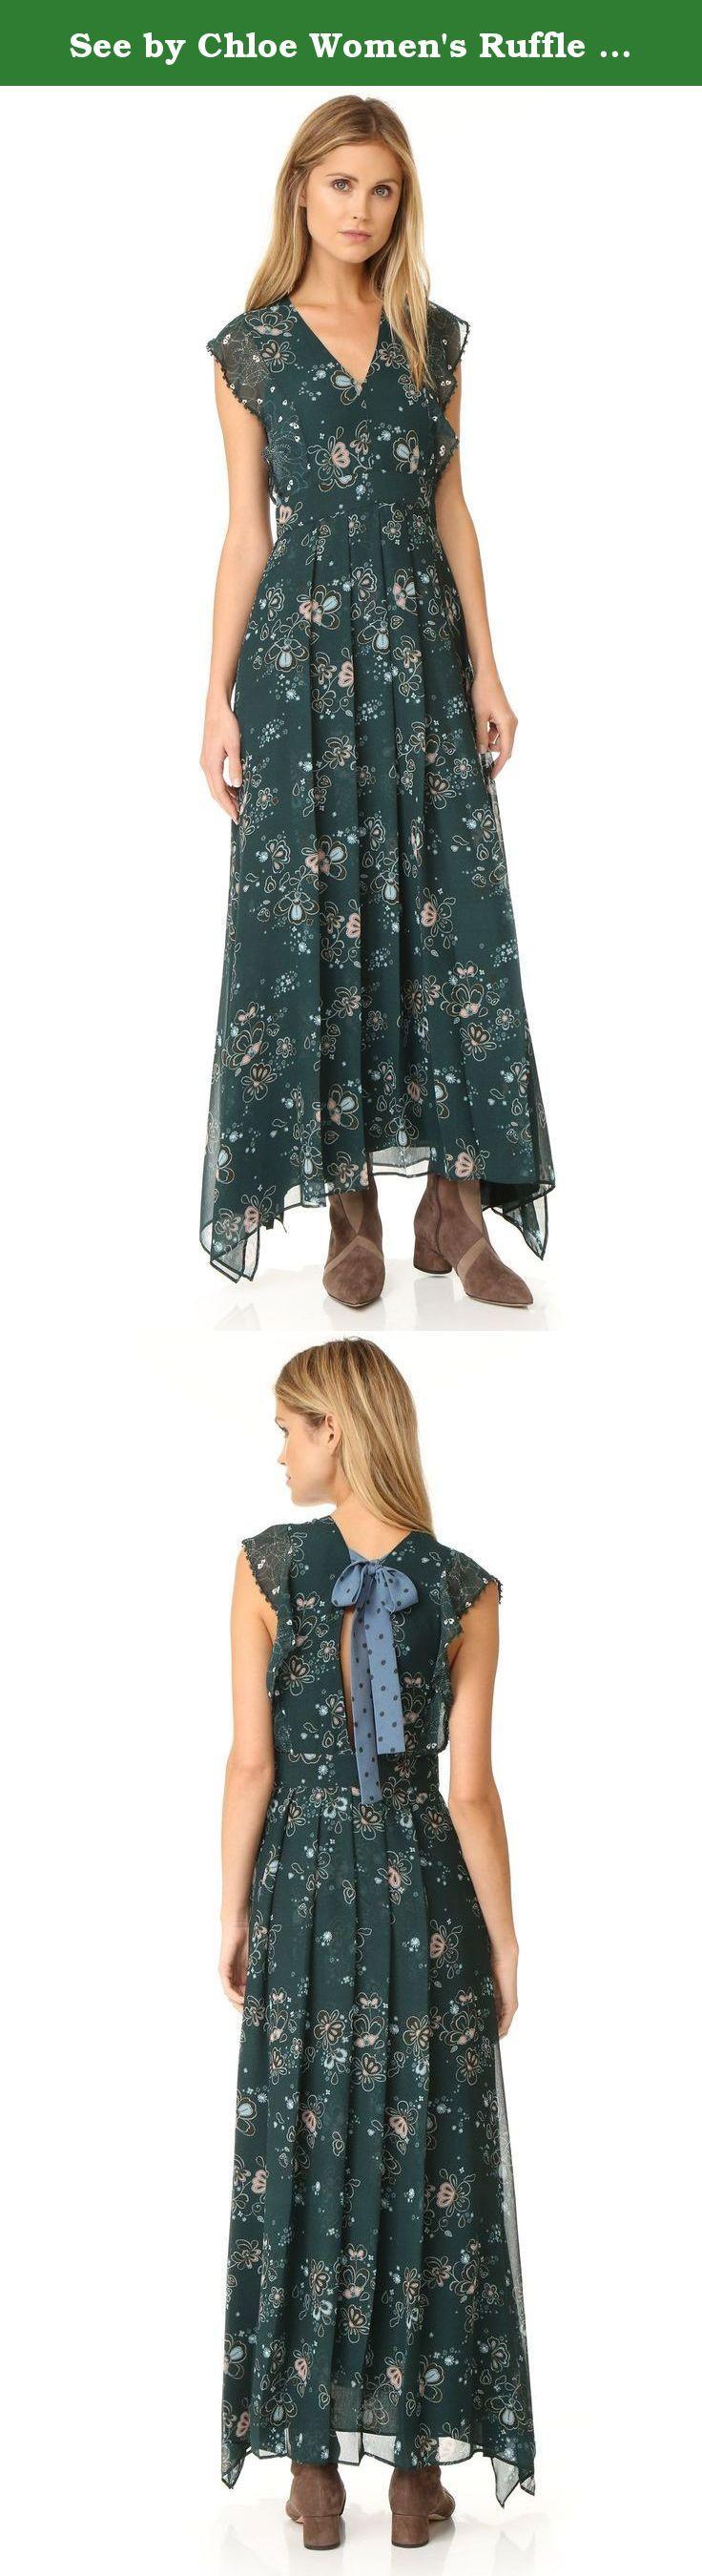 maxi dress knot tutorial jobs